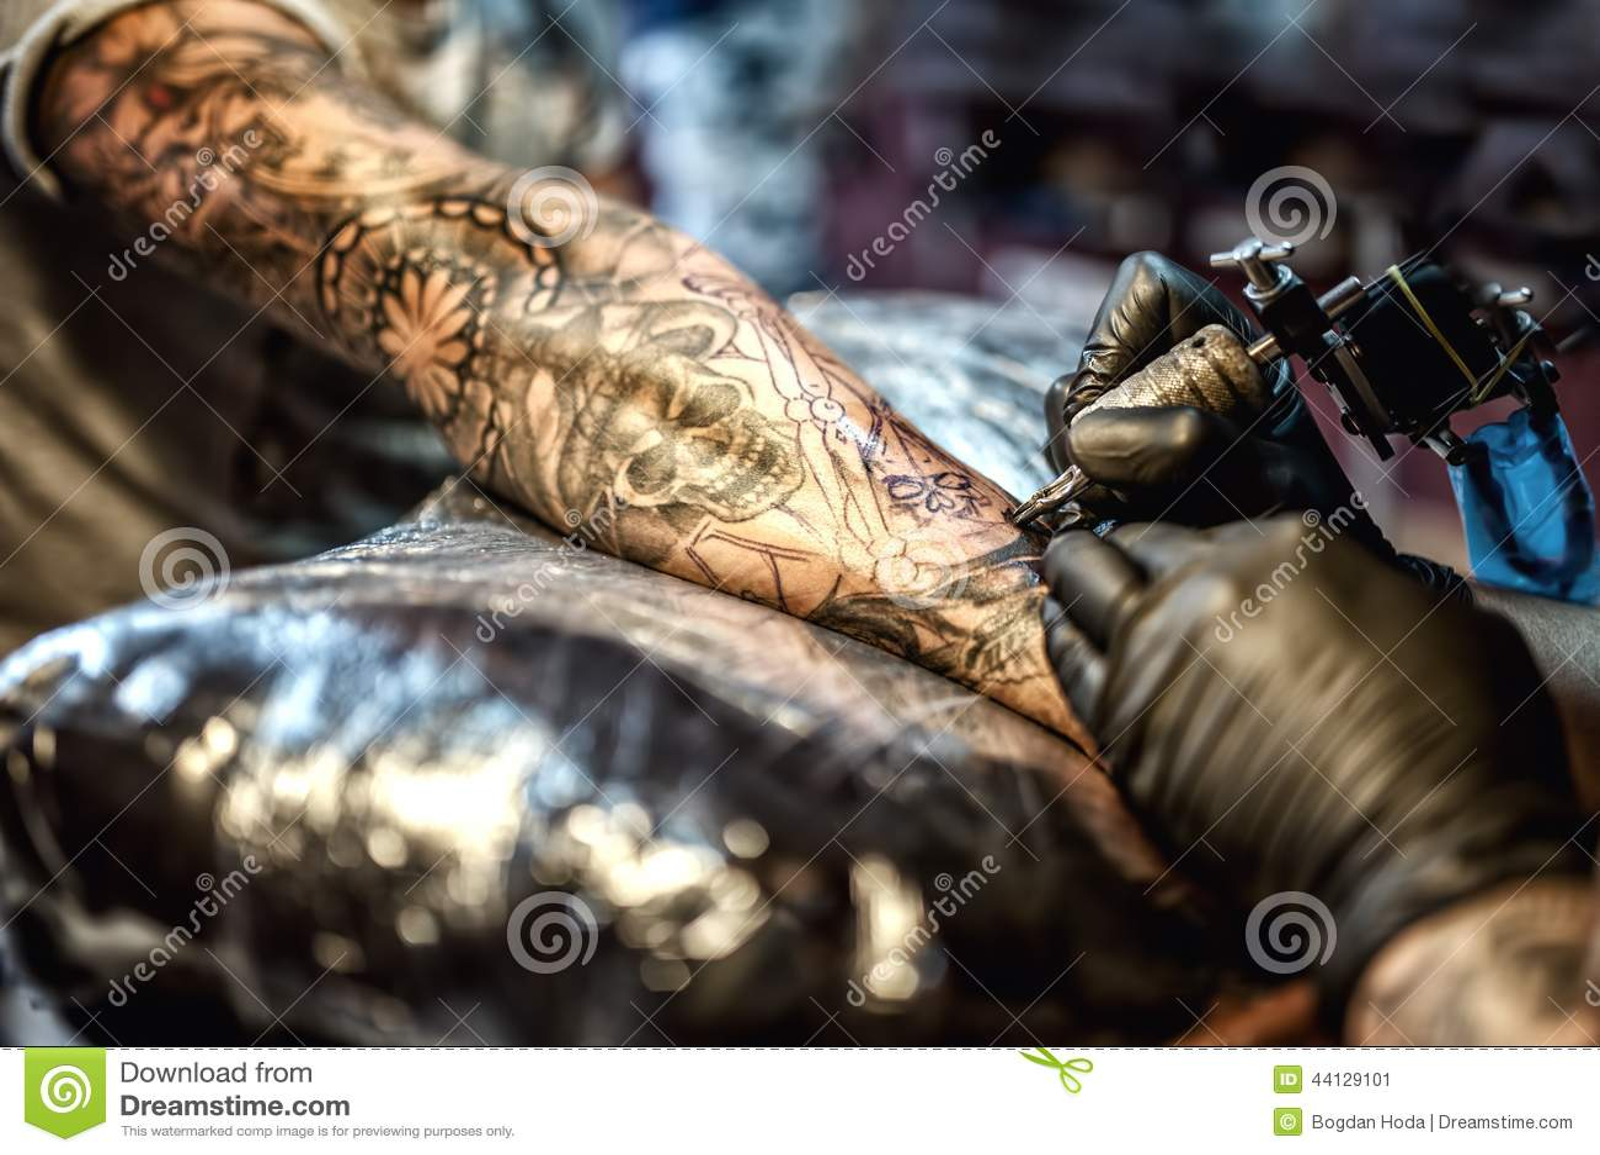 Tatúe el dibujo del artista en el brazo y en la piel del cliente